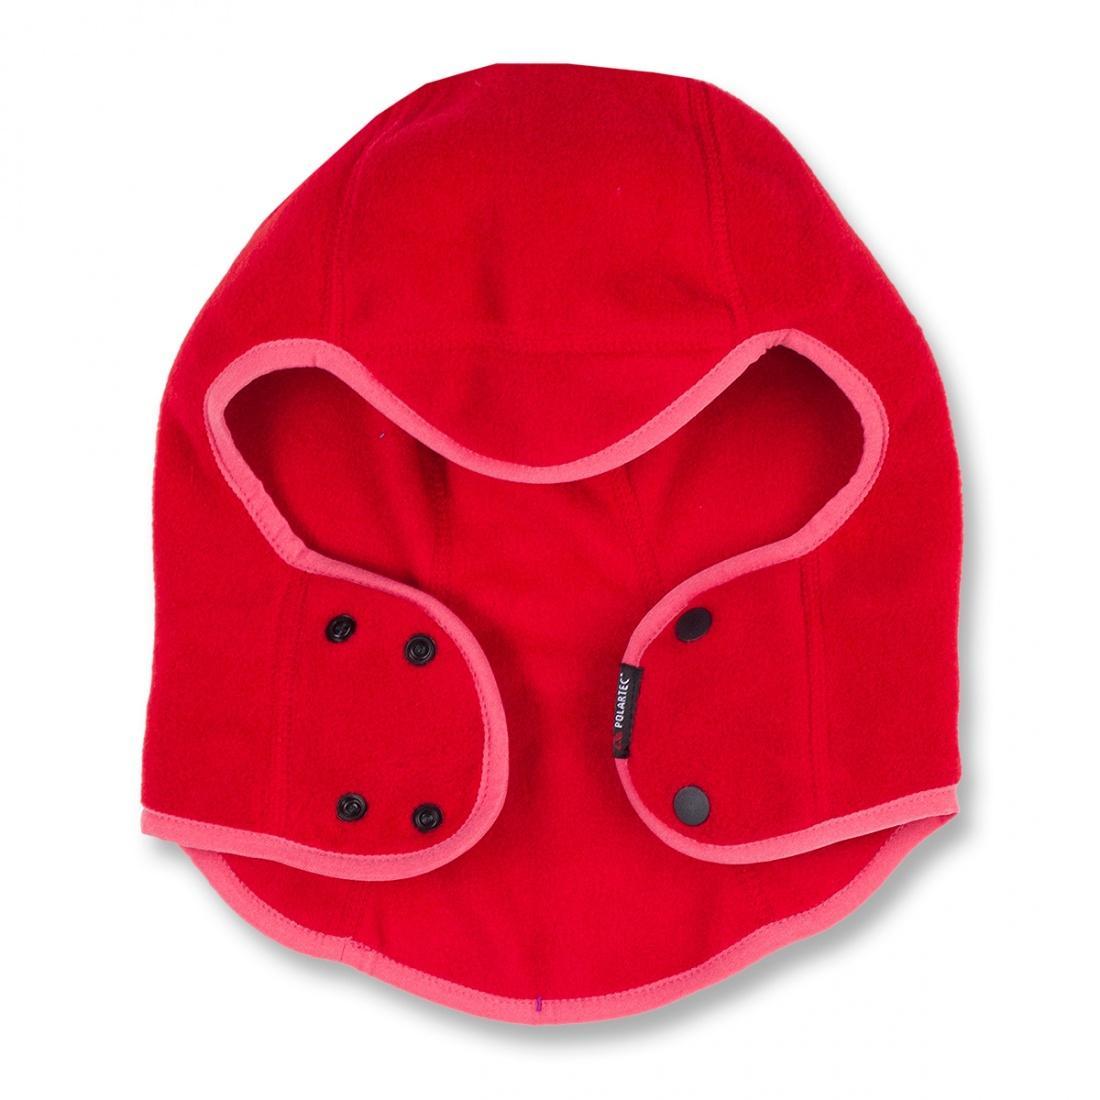 Шапка Cub II ДетскаяШапки<br><br> Легкая, удобная шапочка. Безупречно облегает голову ребенка, закрывая лоб и уши. Незаменима при ненастнойпогоде поздней осеньюлиботеплой зимой.<br><br><br> <br><br><br>Материал –Polartec® Classiс 200.<br> <br>Облегающи...<br><br>Цвет: Красный<br>Размер: XXS